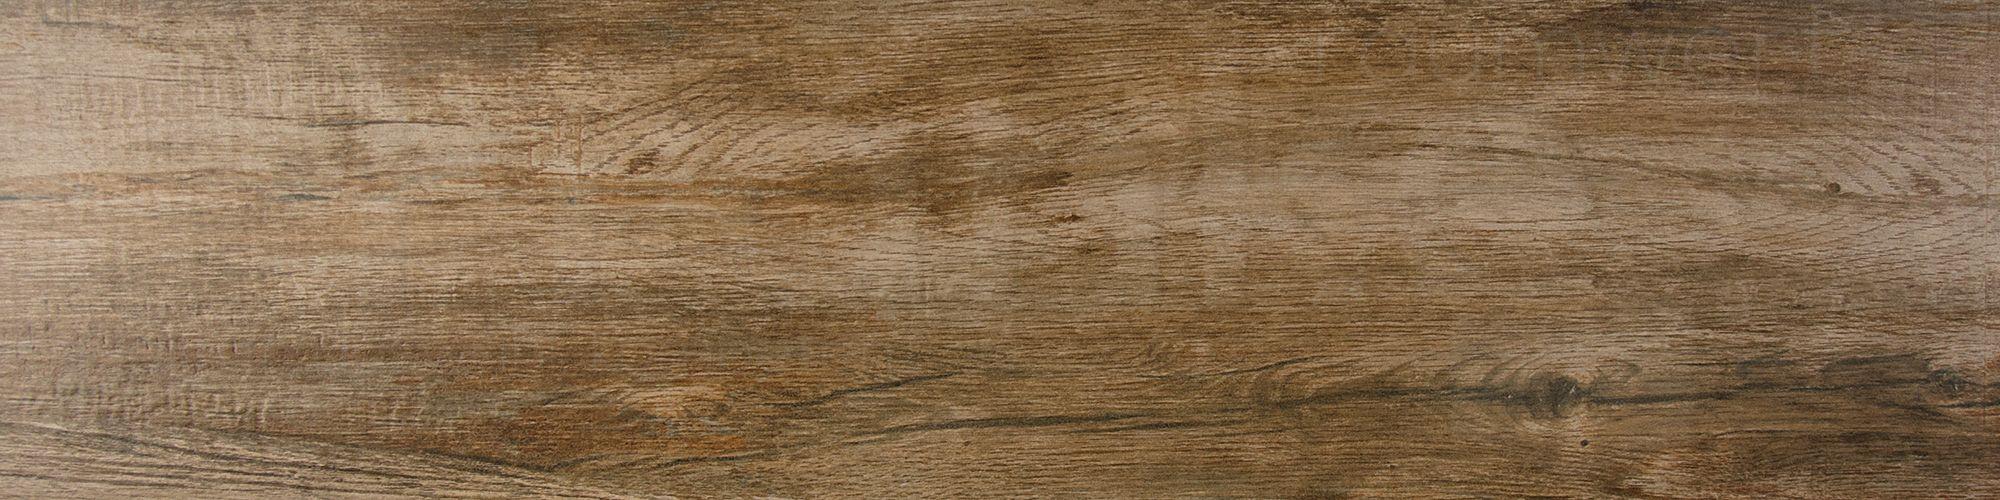 villeroy boch laminate flooring hills flooring timber flooring specialists. Black Bedroom Furniture Sets. Home Design Ideas